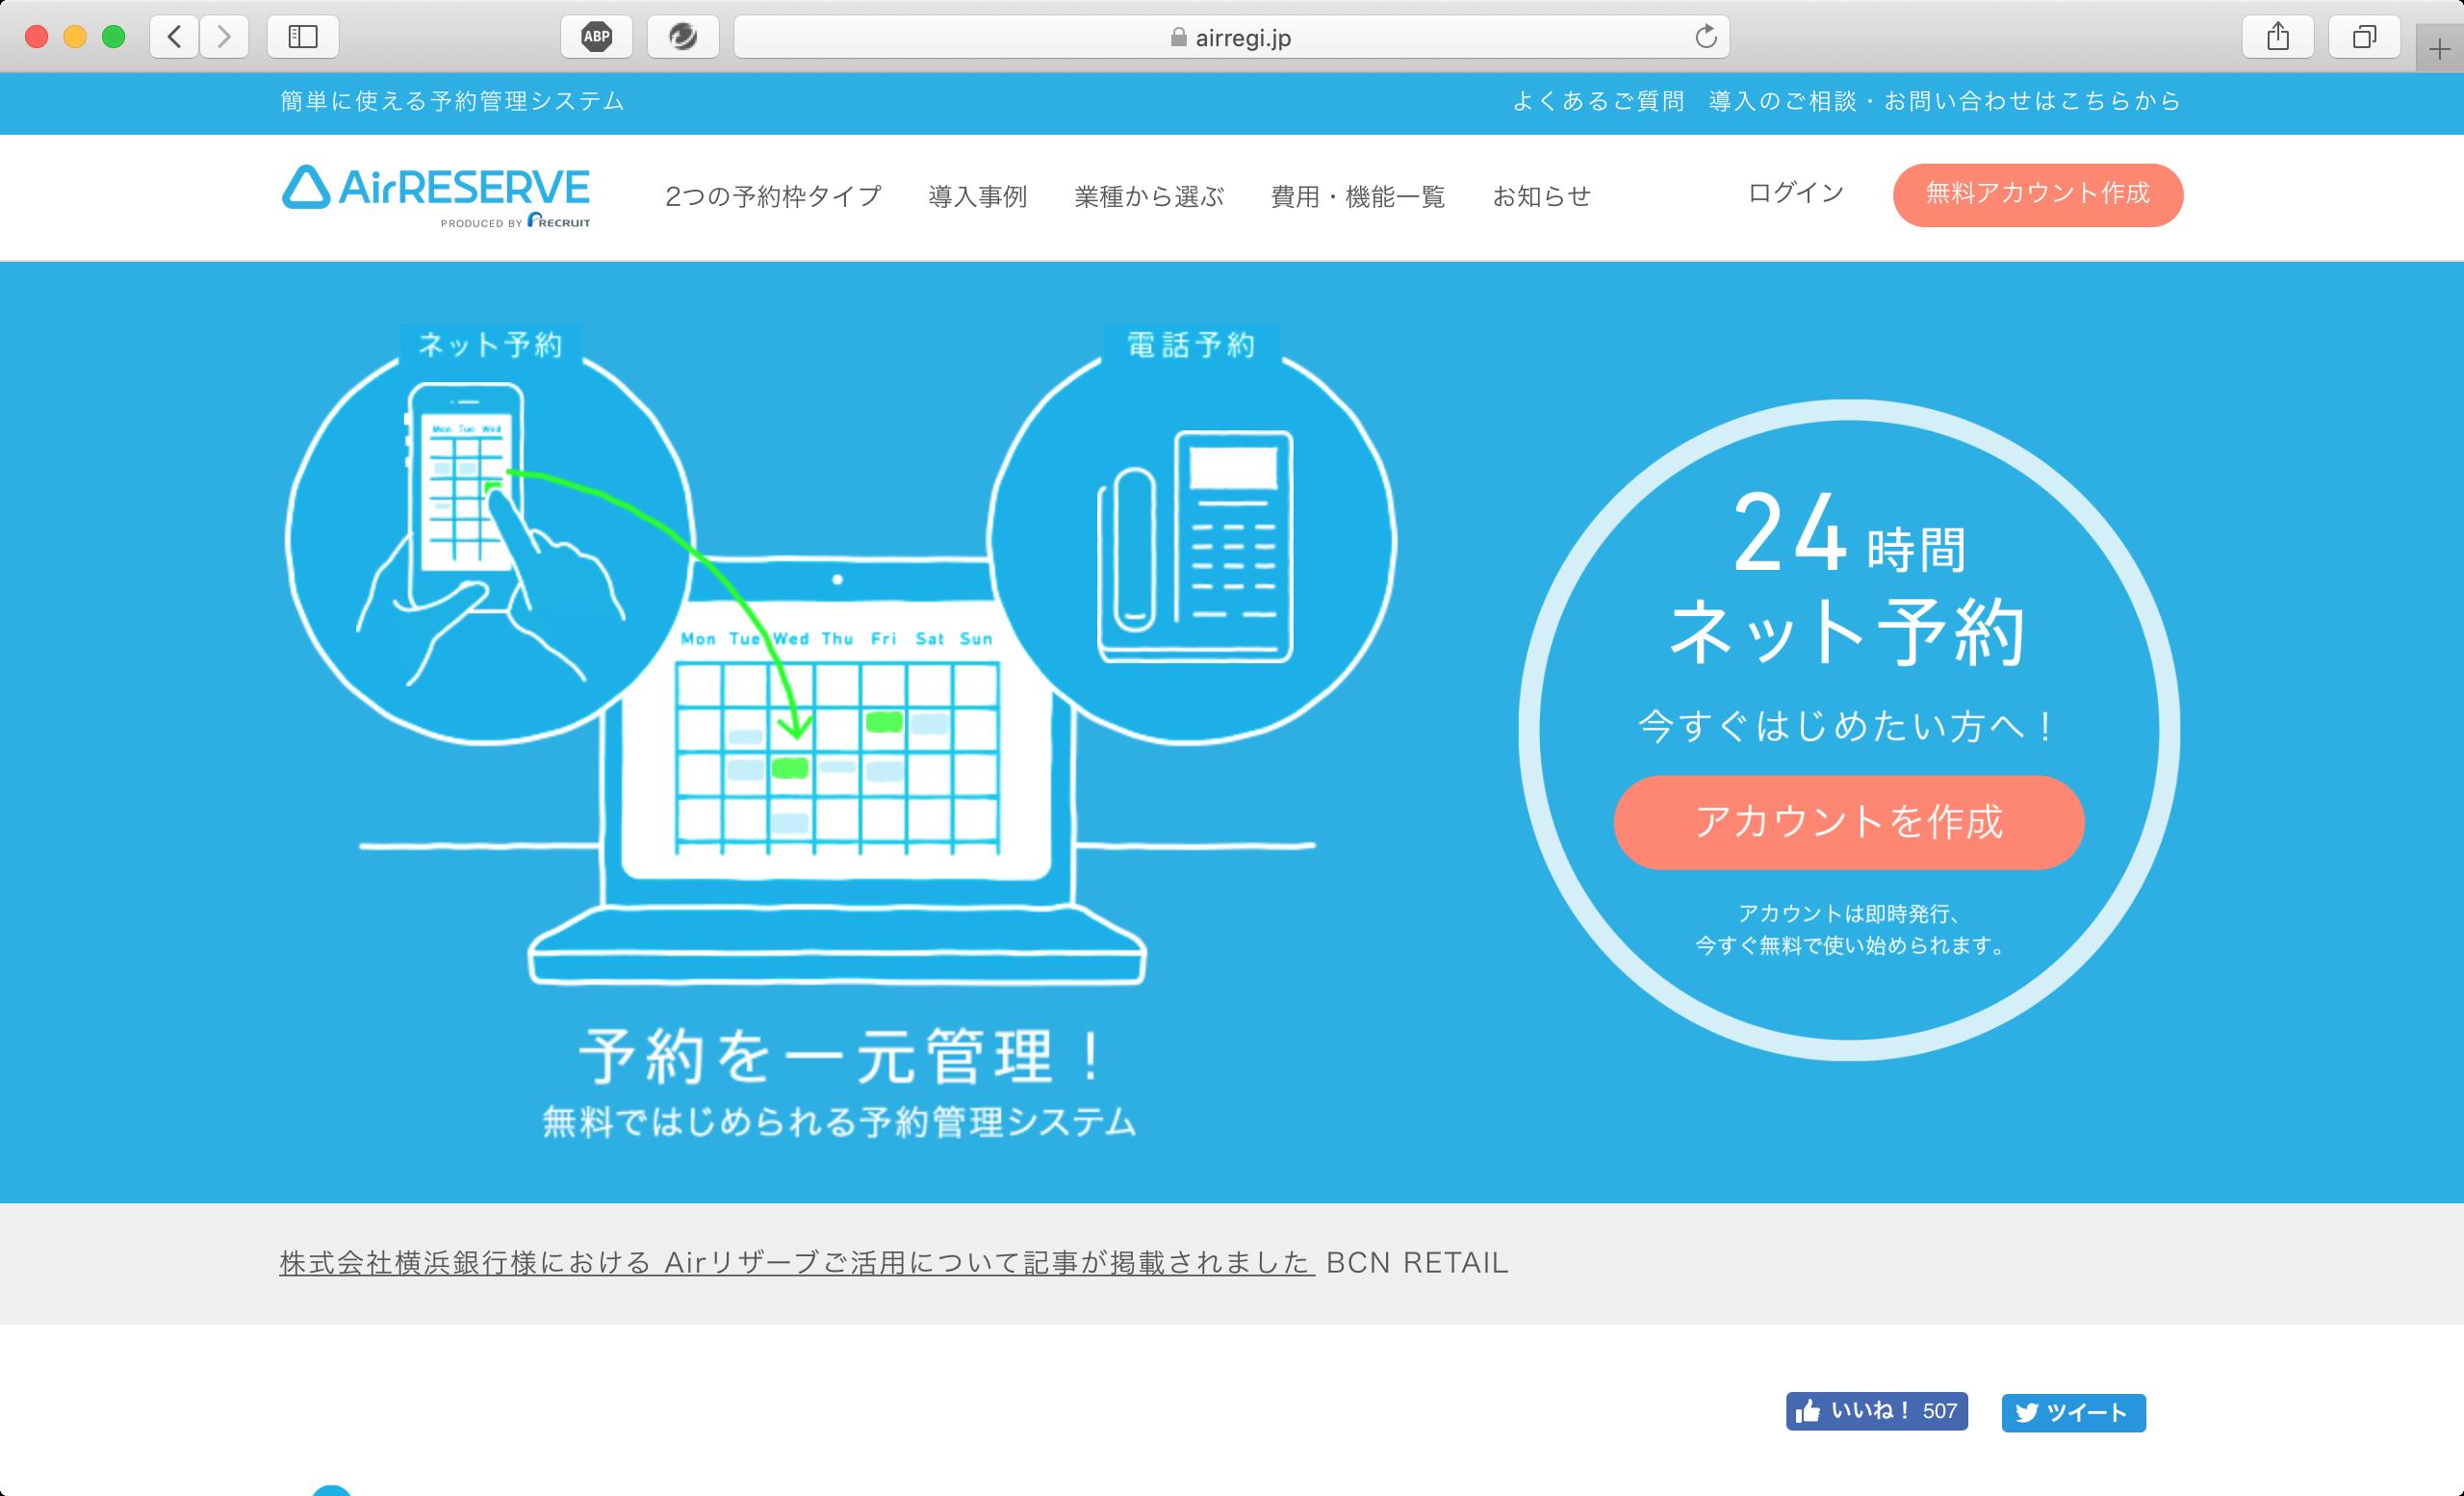 自社サイトで集客したい人のためのWeb予約サービス徹底比較